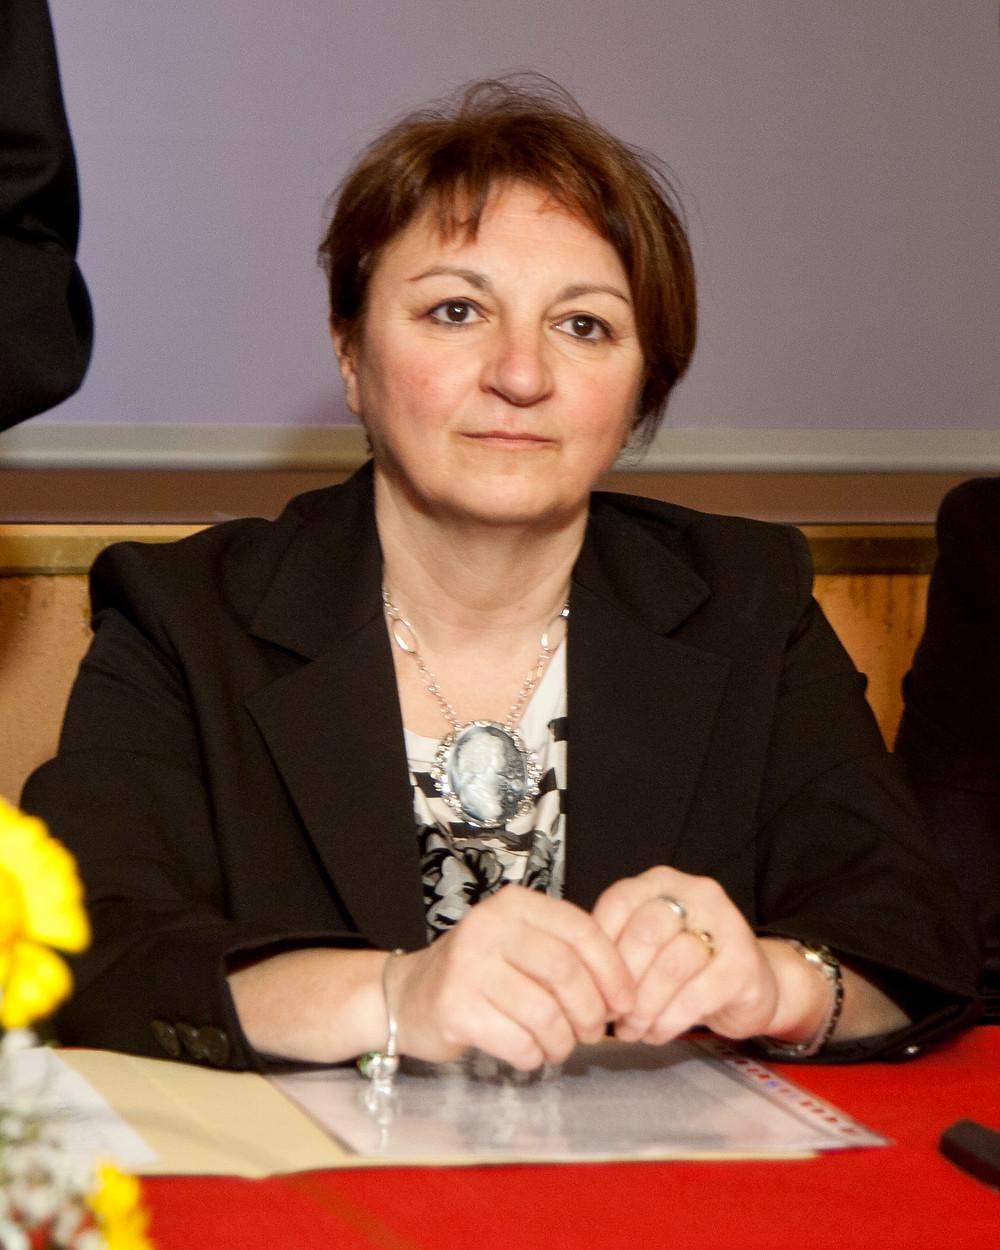 Maria Caterina Voci